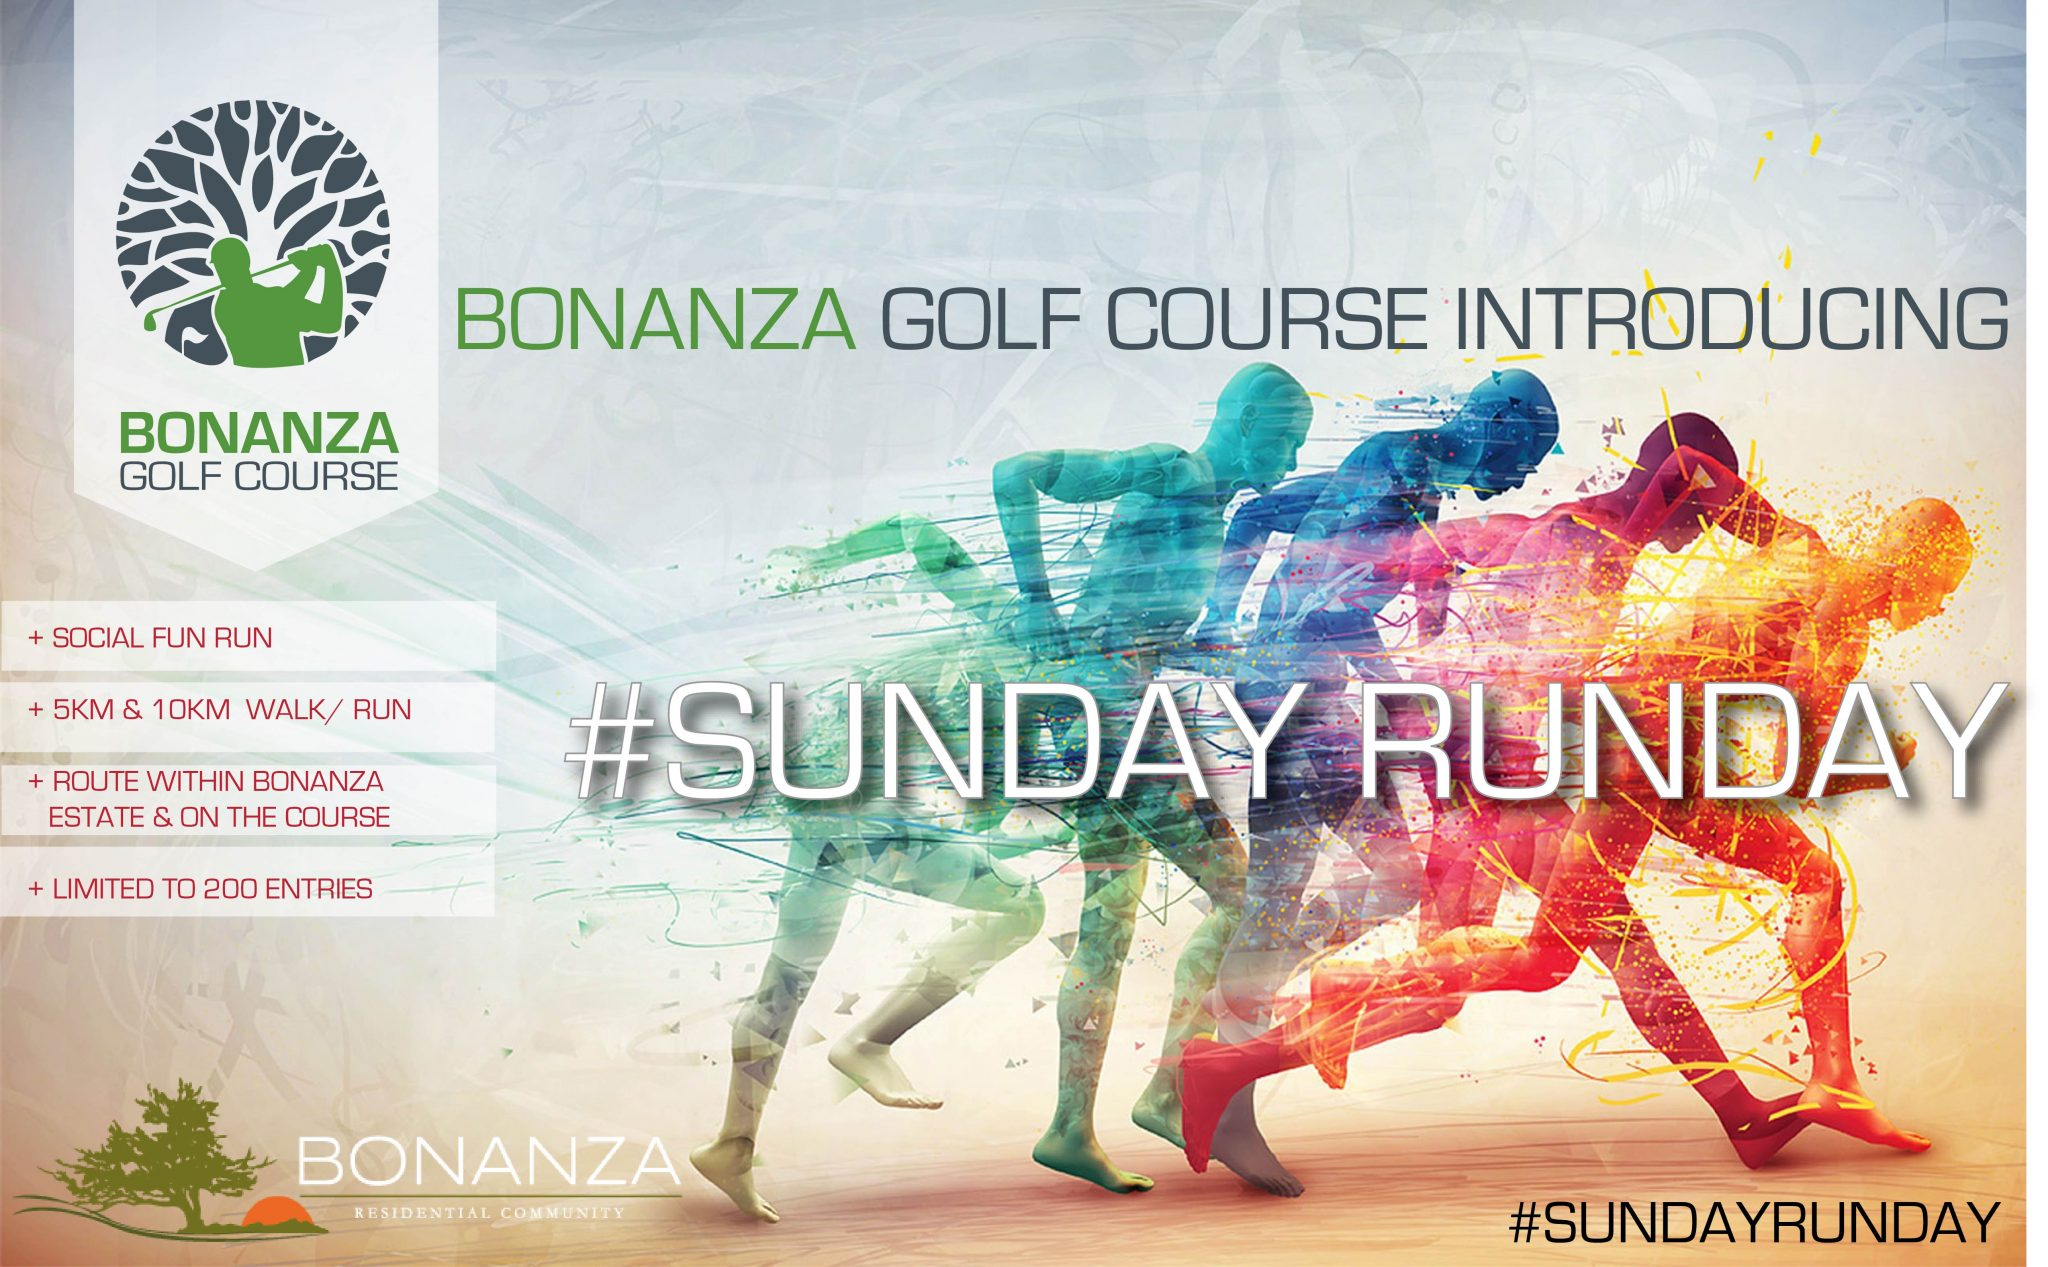 SUNDAY RUNDAY, fun run, social run, bonanza estate, bonanza golf course, lusaka, zambia